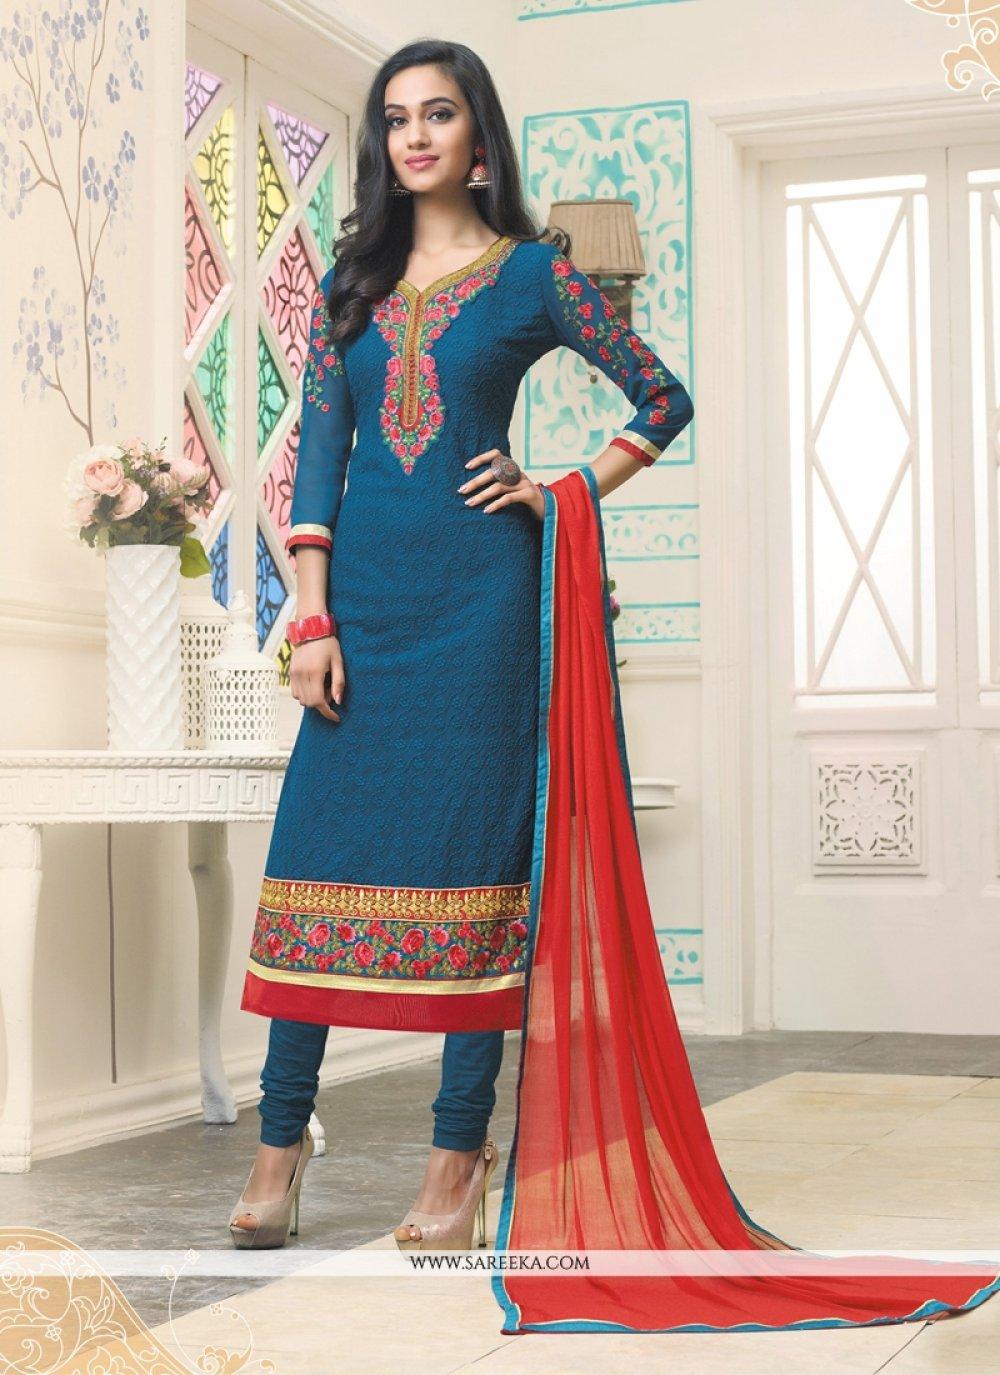 Resham Work Georgette Churidar Designer Suit